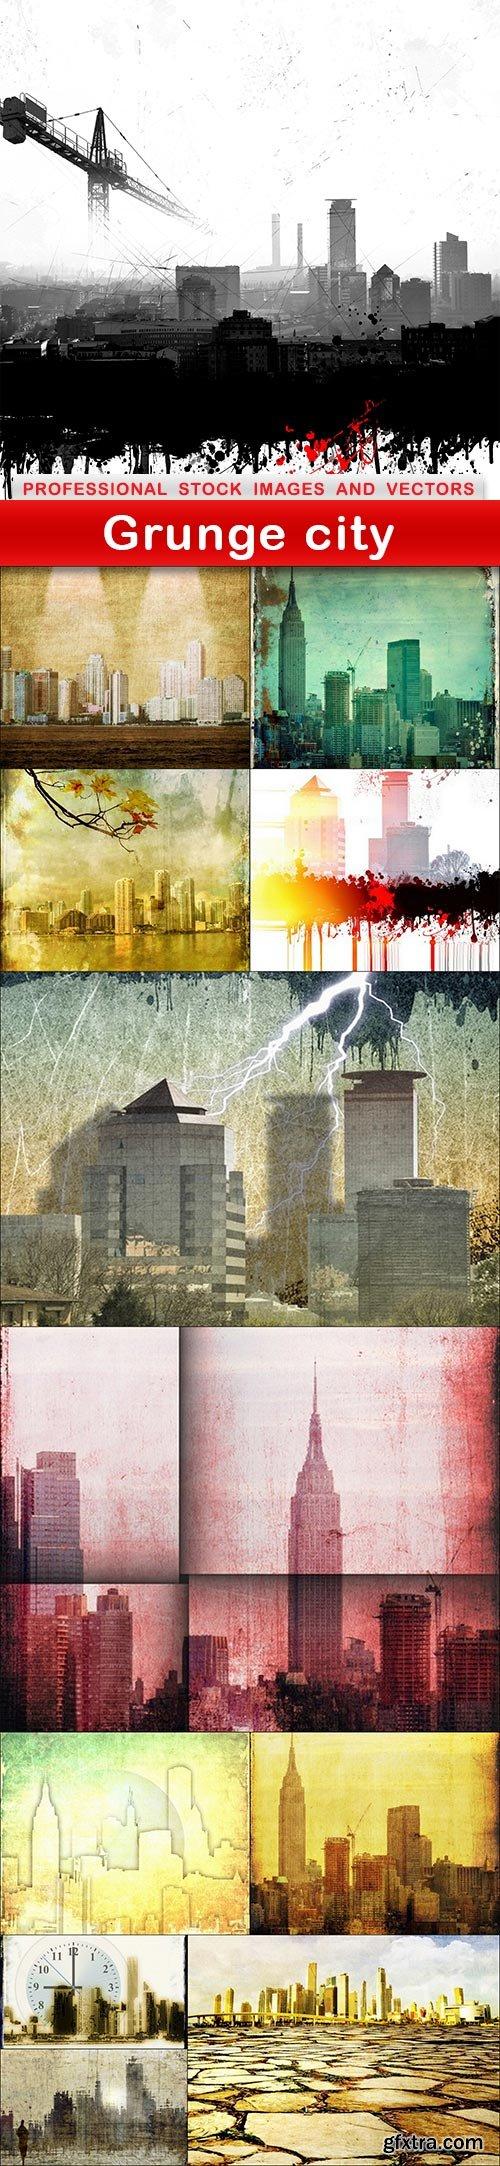 Grunge city - 12 UHQ JPEG